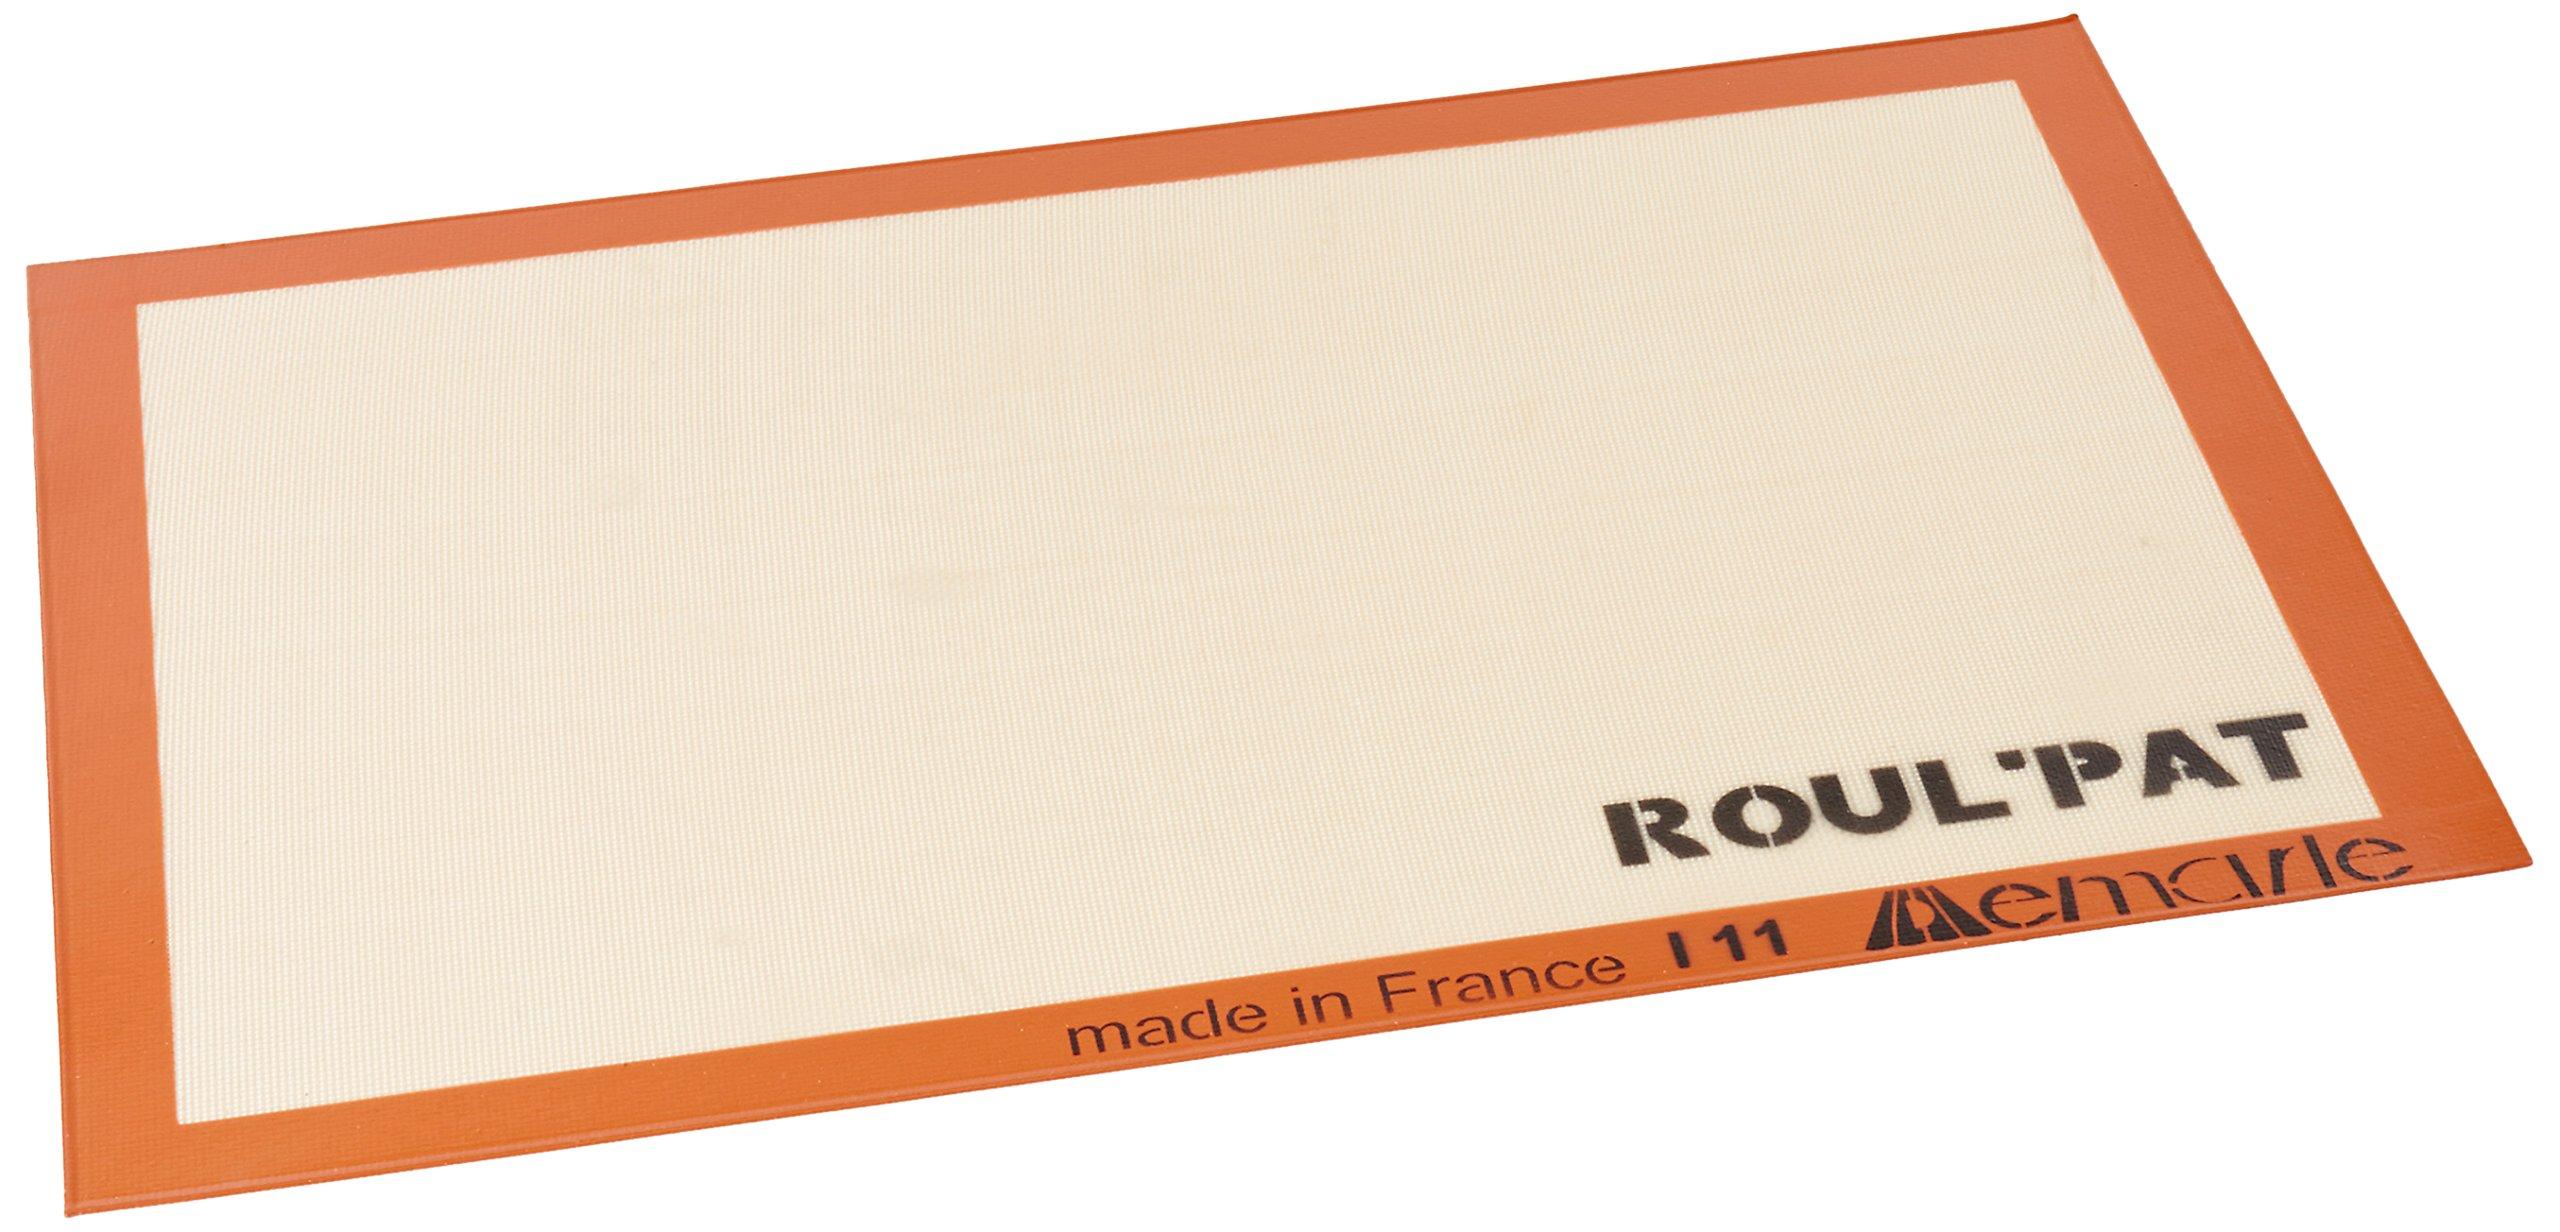 Matfer Bourgeat Matfer Roul'pat Baking Mat